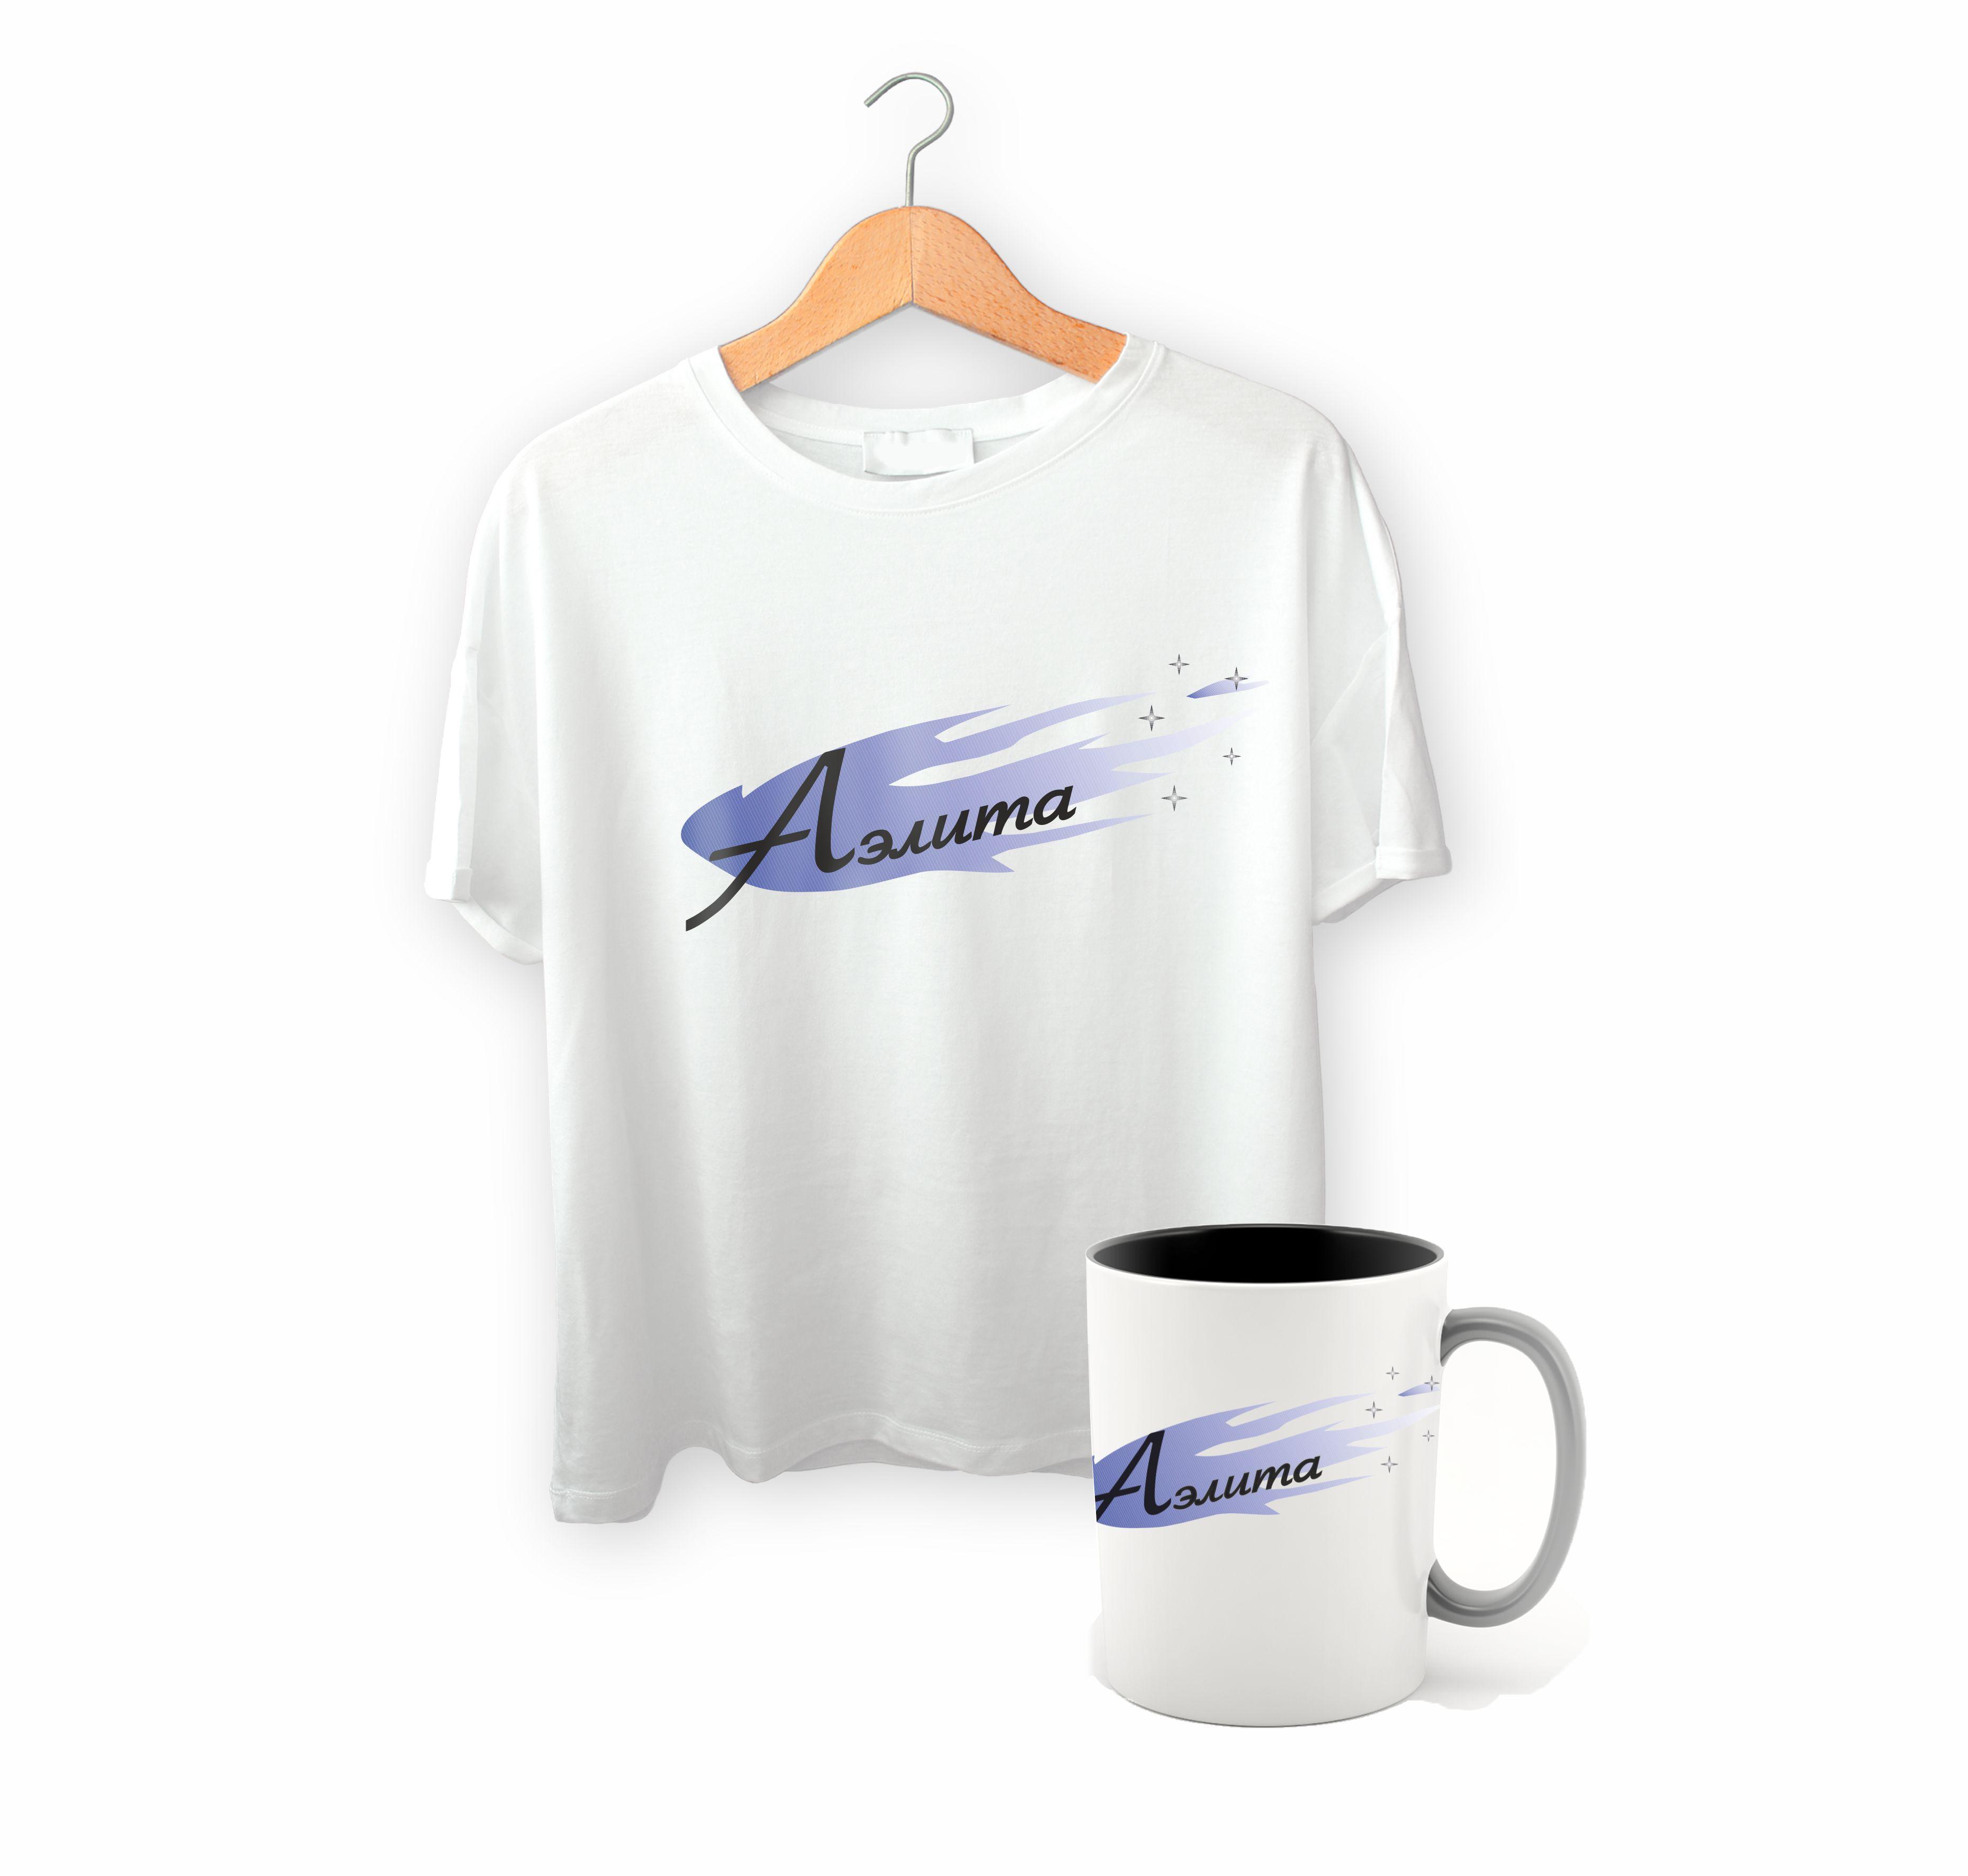 Печать фотографий на футболках в Астрахани